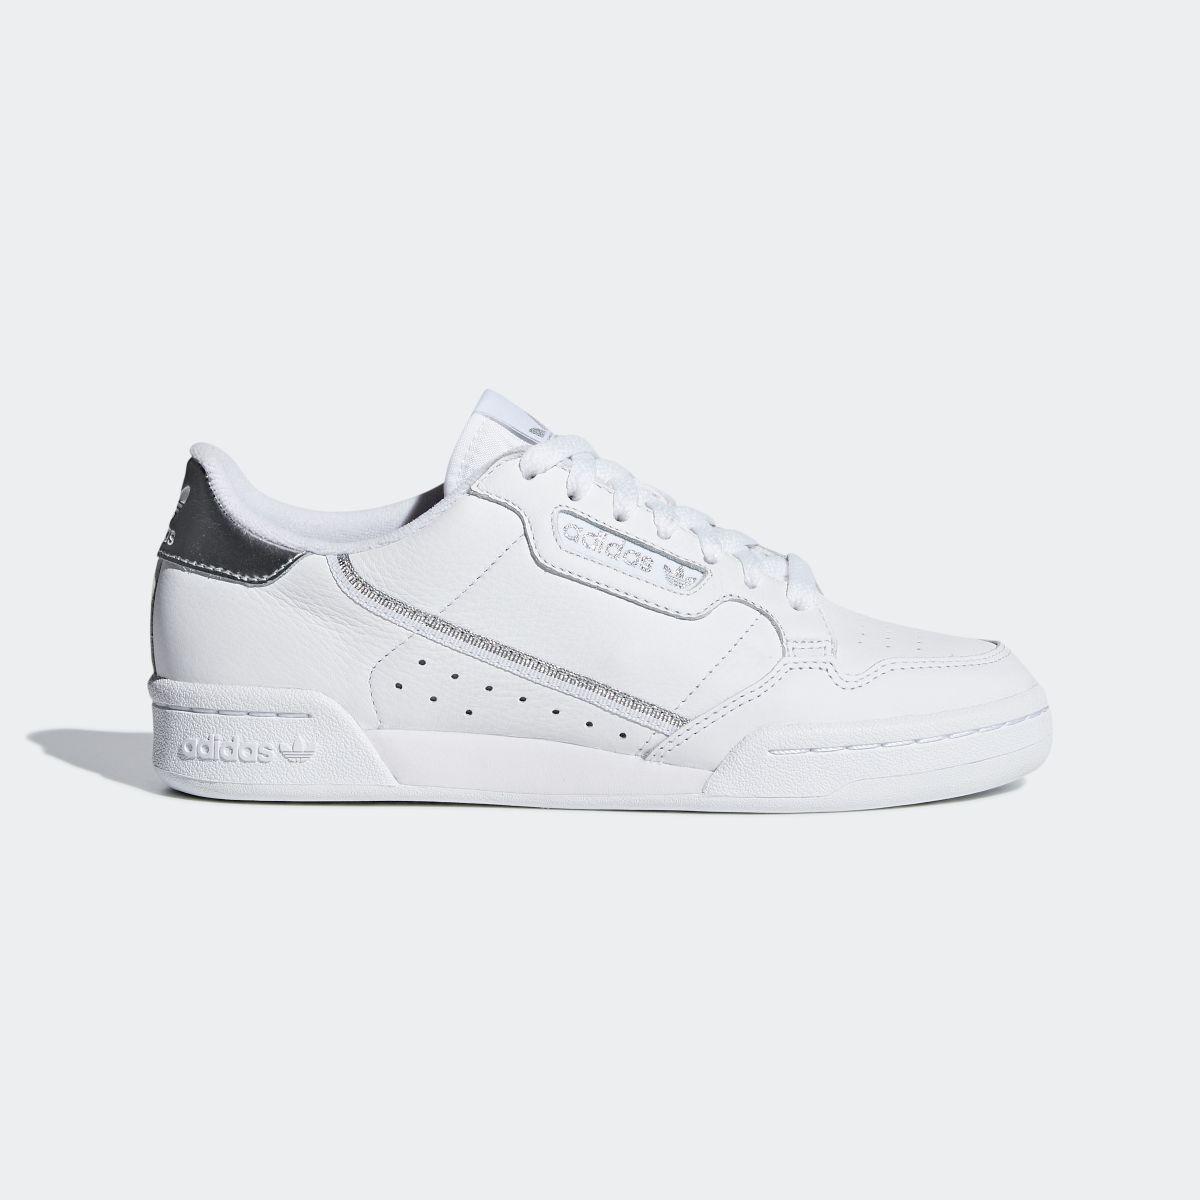 全品ポイント20倍 4/9 17:00~4/12 16:59 【公式】アディダス adidas Continental 80 Shoe レディース メンズ EE8925 ライフスタイル シューズ